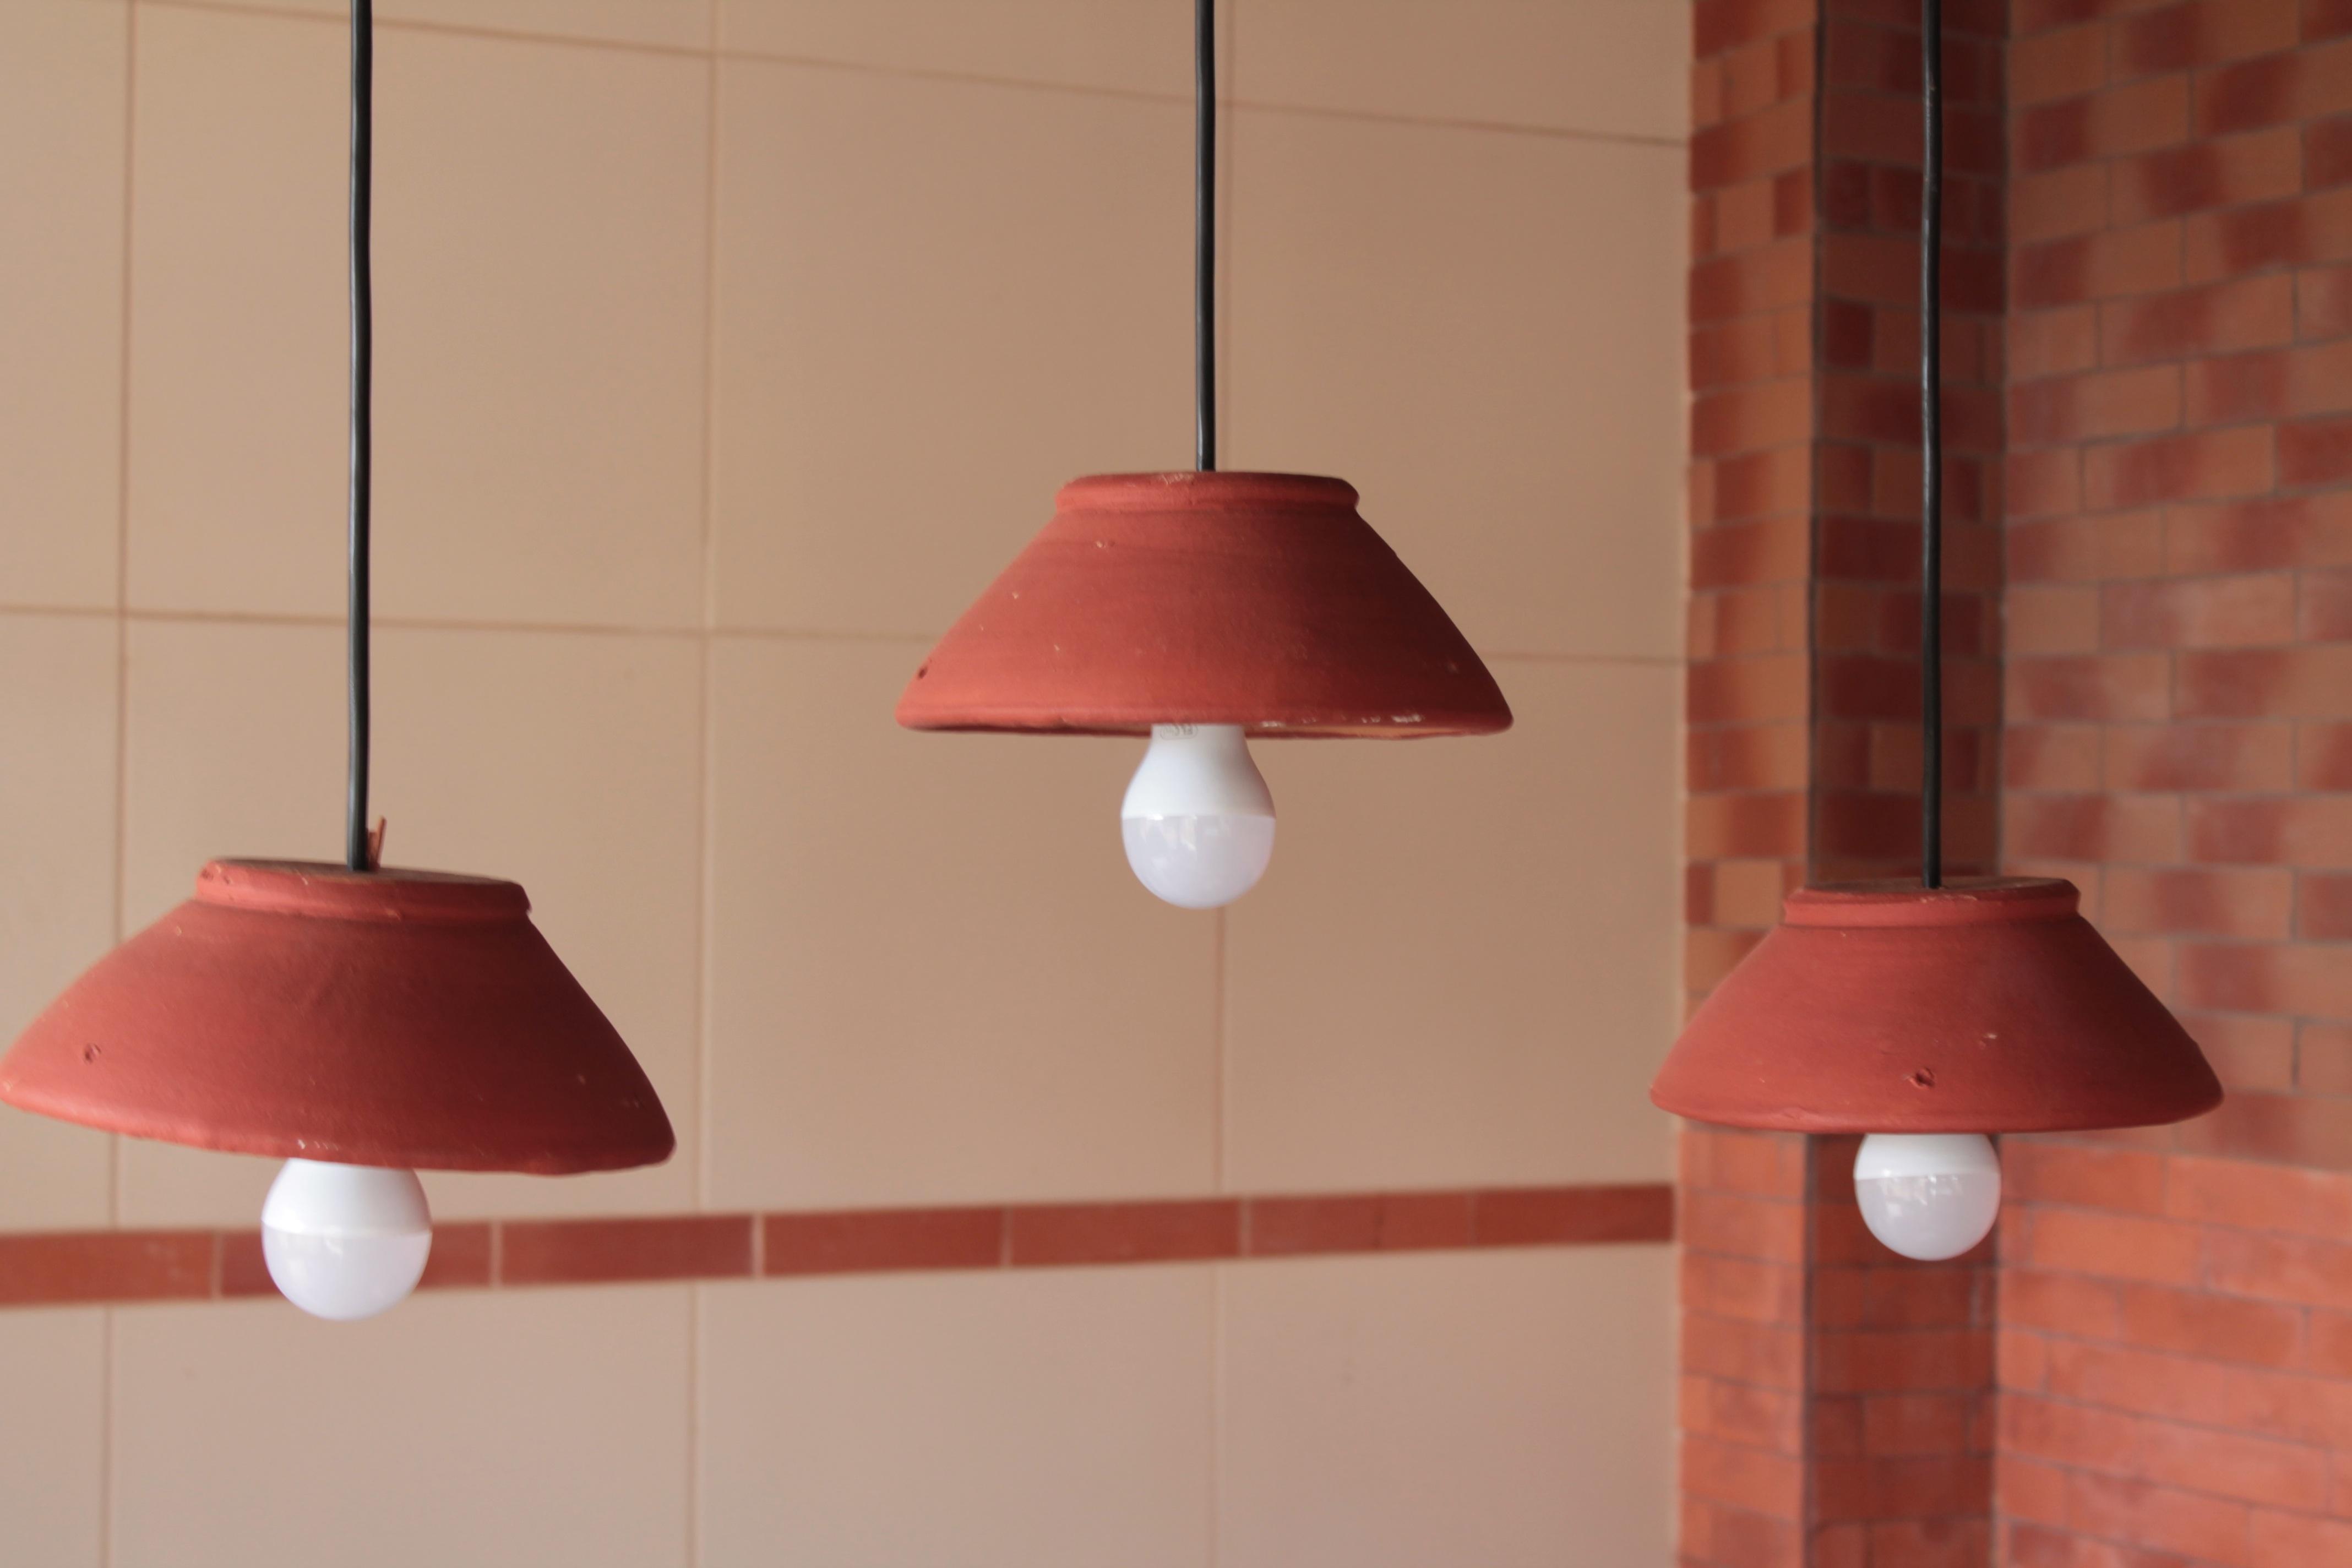 무료 이미지 : 포도 수확, 천장, 빨간, 램프, 담홍색, 갓, 조명 ...